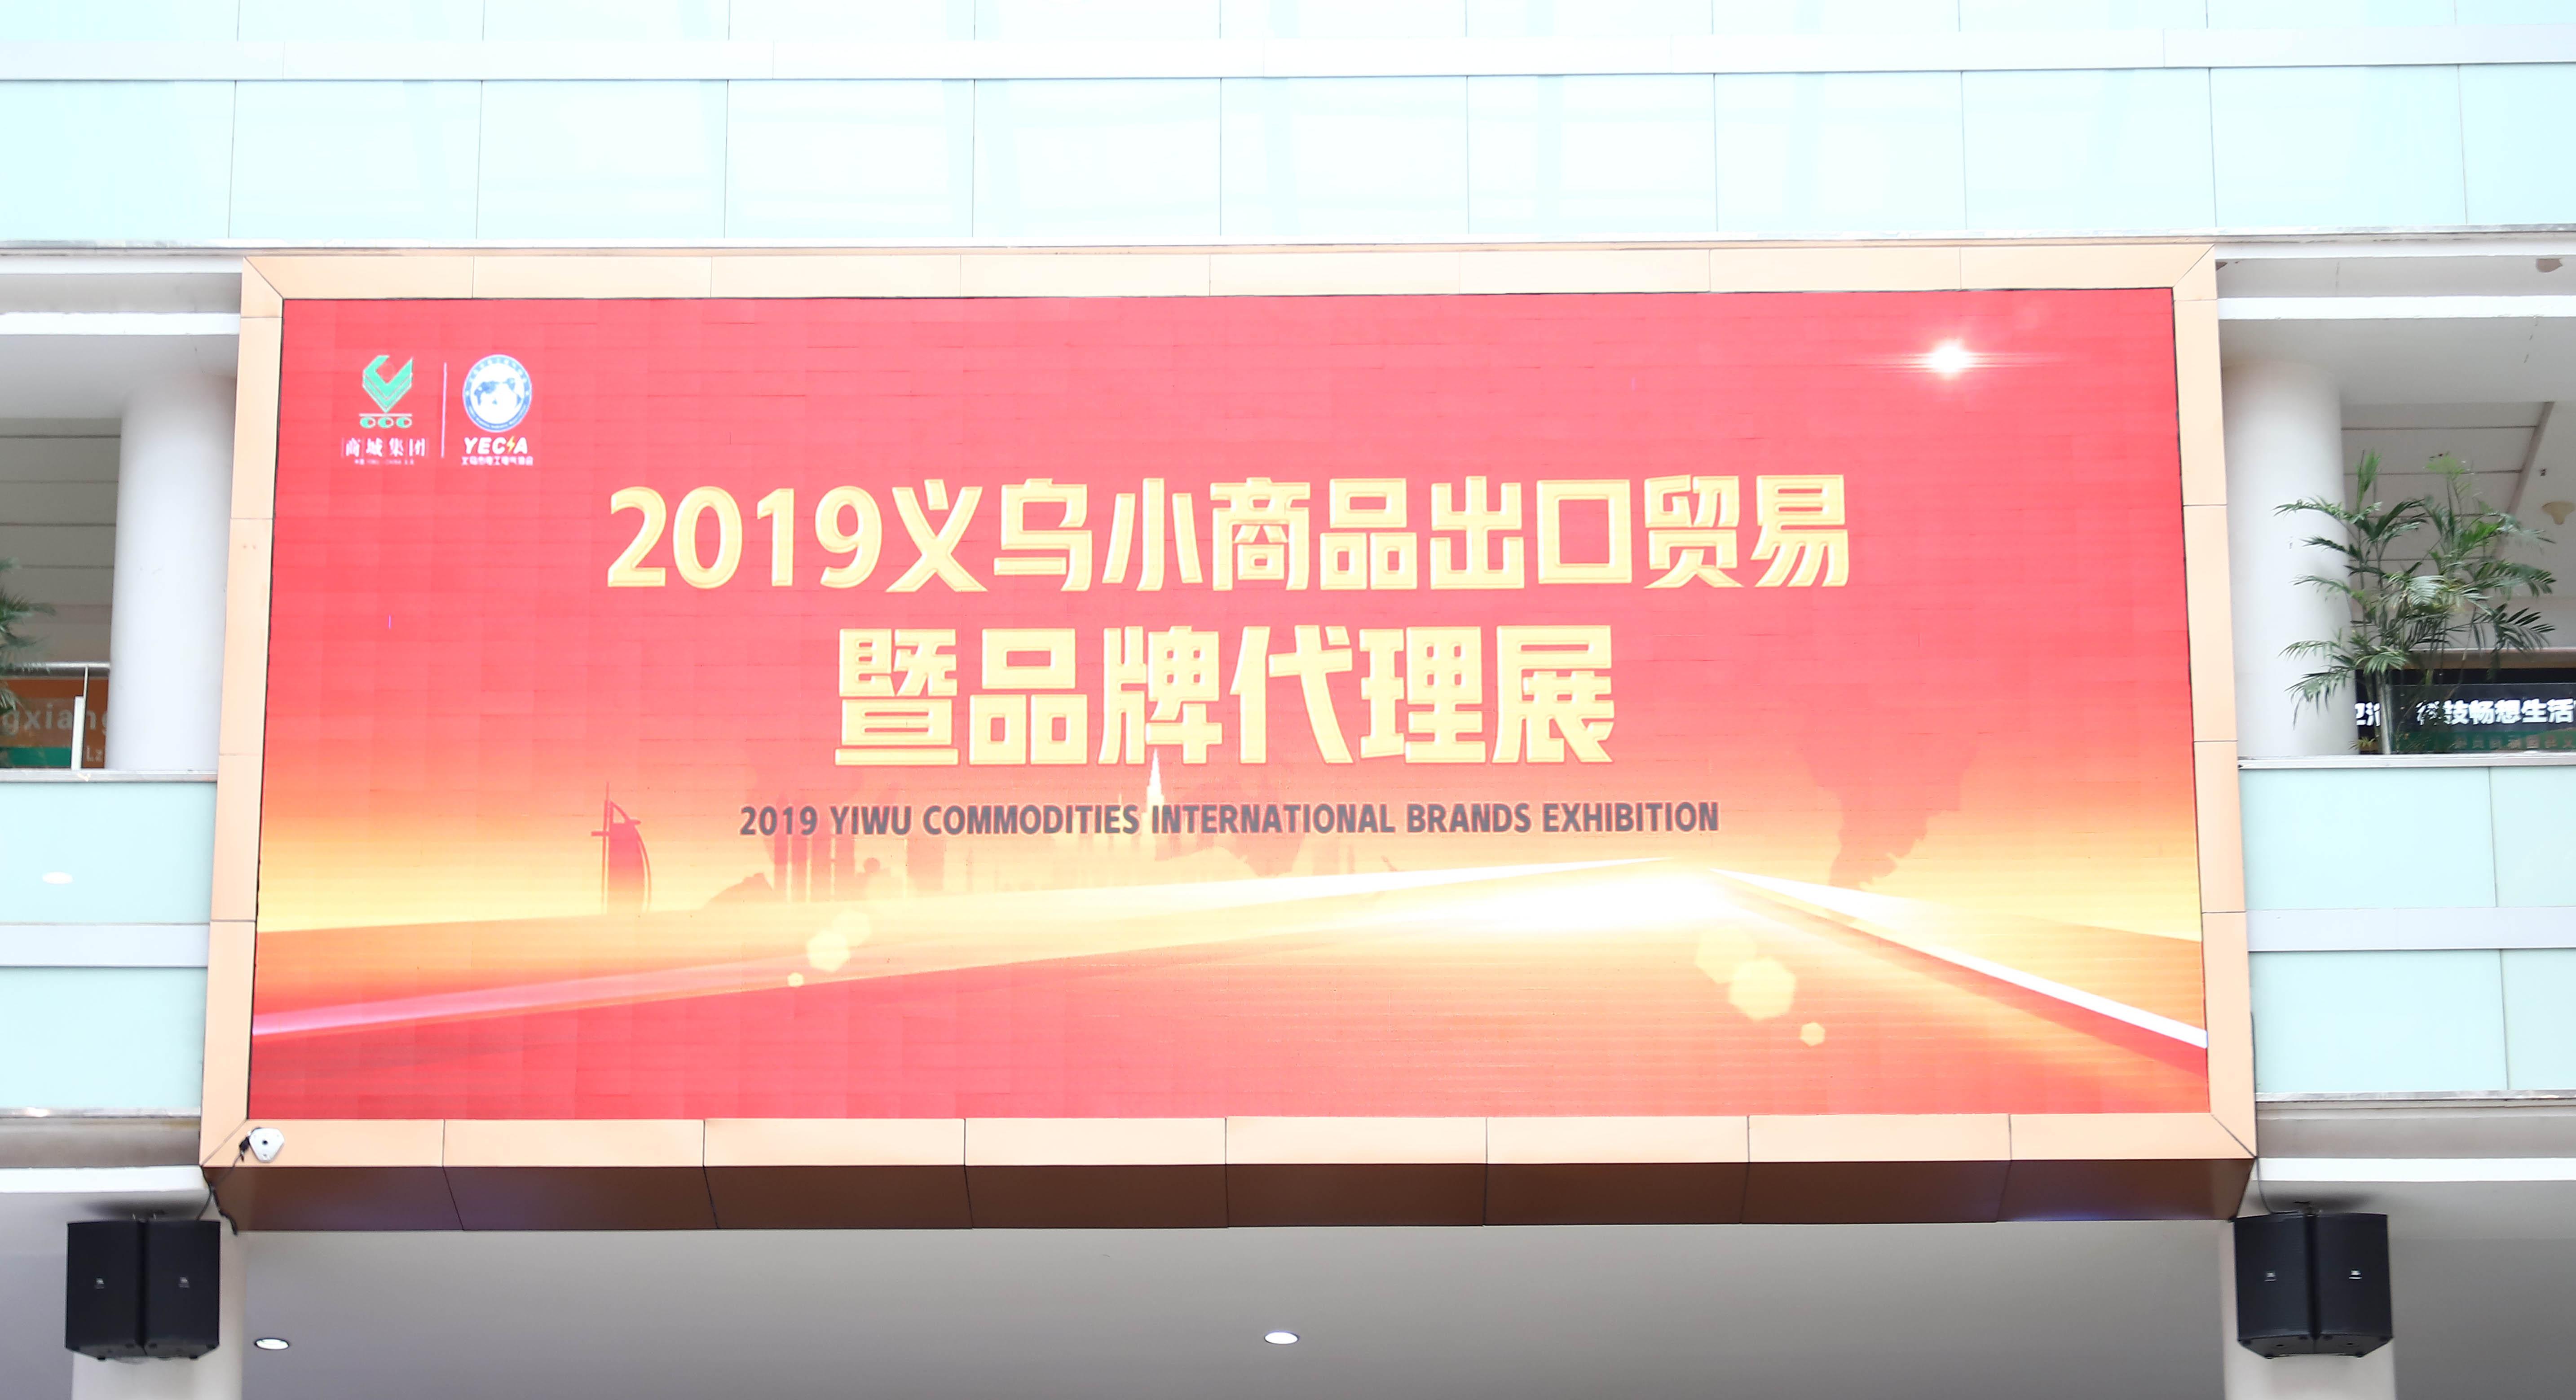 2019义乌小商品出口贸易暨品牌代理展,圆满落幕。